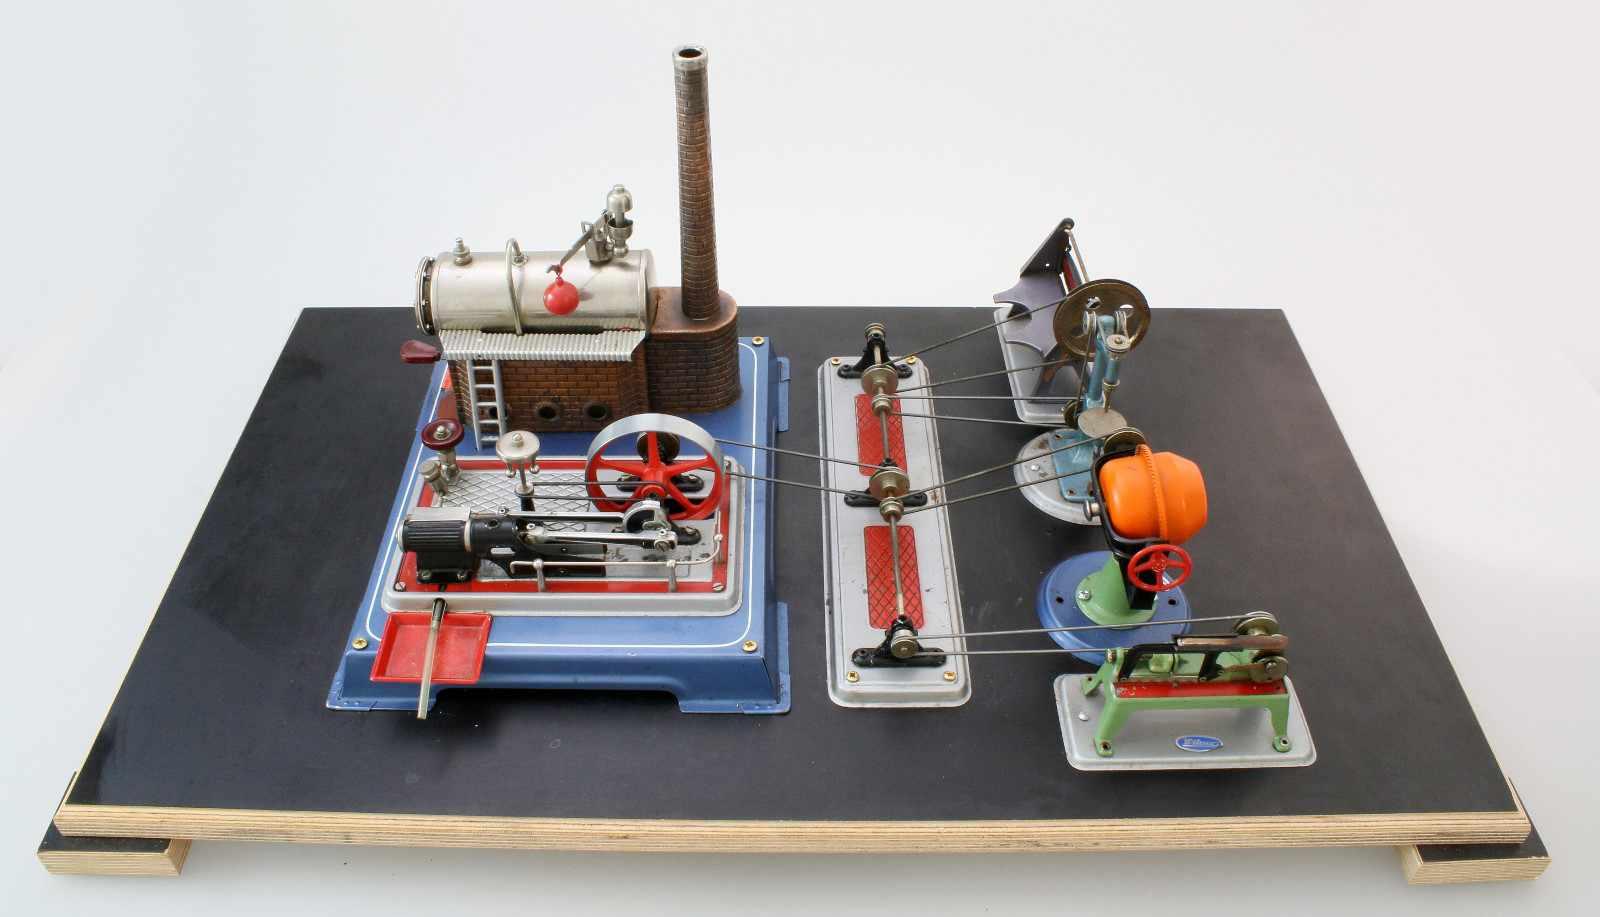 Dampfmaschine Wilesco mit ZubehörDampfmaschine, Transmissionsantrieb, Säge, Betonmischer,